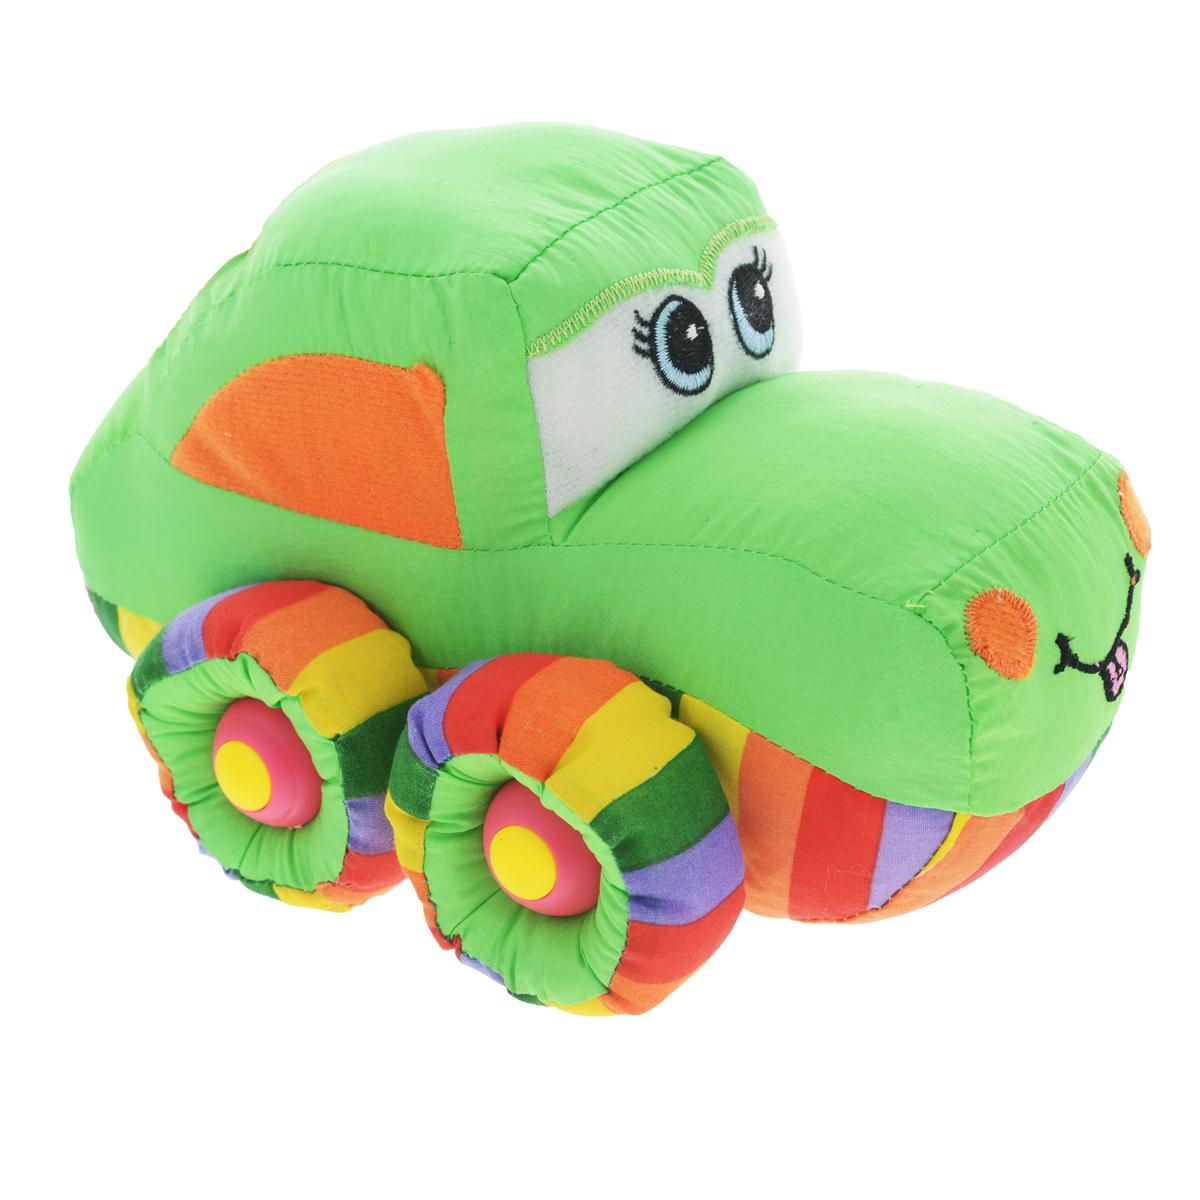 Мягкая озвученная игрушка Tongde Радужный транспорт. В72432 мягкая озвученная игрушка tongde фронтальный погрузчик в72429